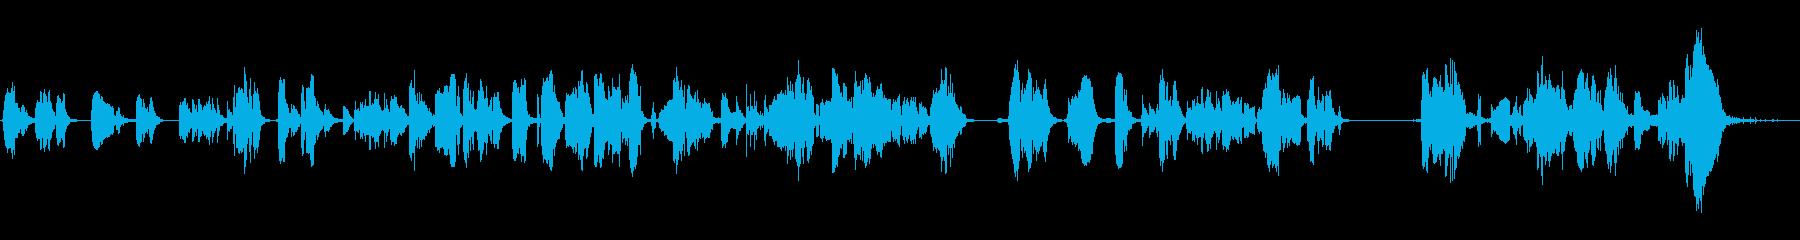 重いオーディオアークとスパークの再生済みの波形